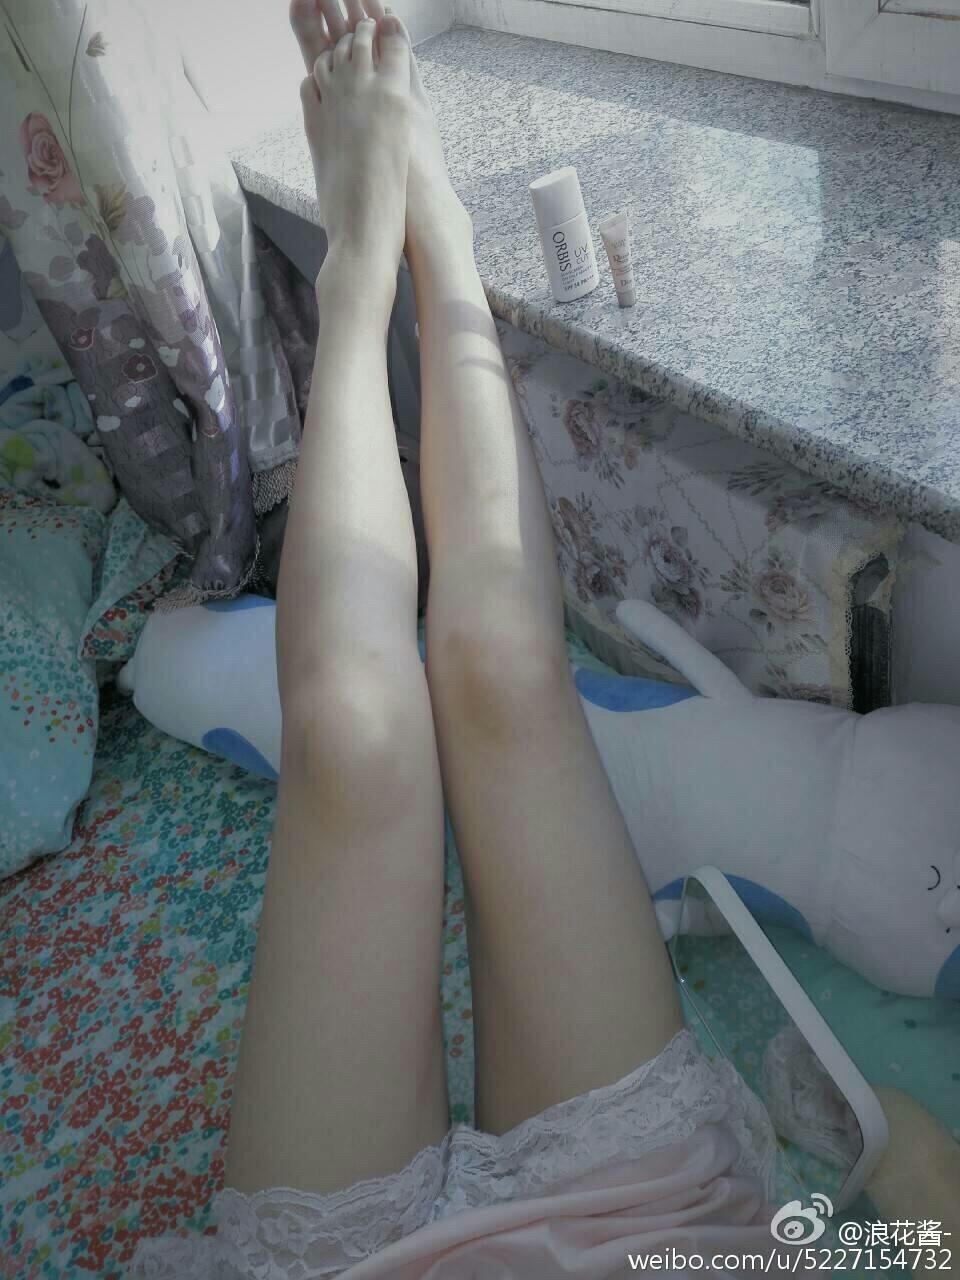 萌妹子秀美腿